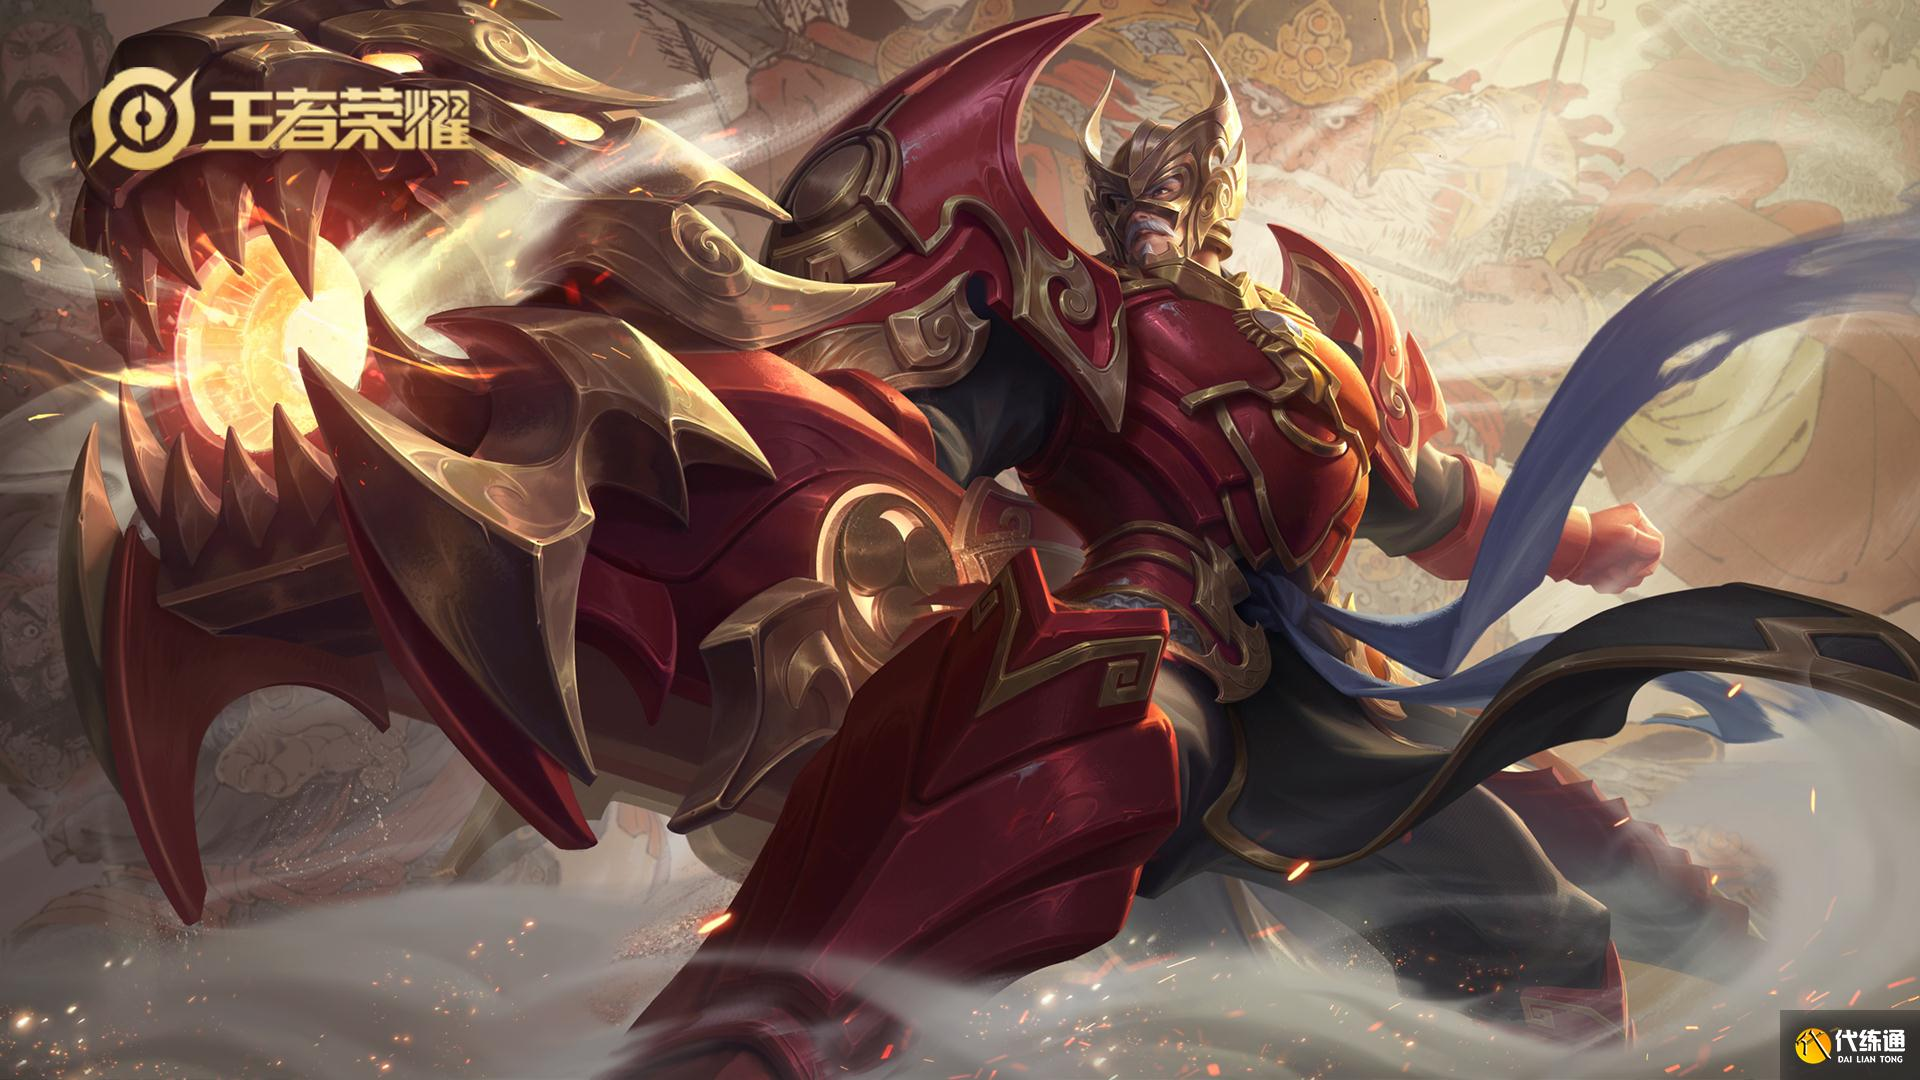 王者榮耀英雄調整,黃忠雙抗過千唯一坦射,貂蟬竟然又被削弱